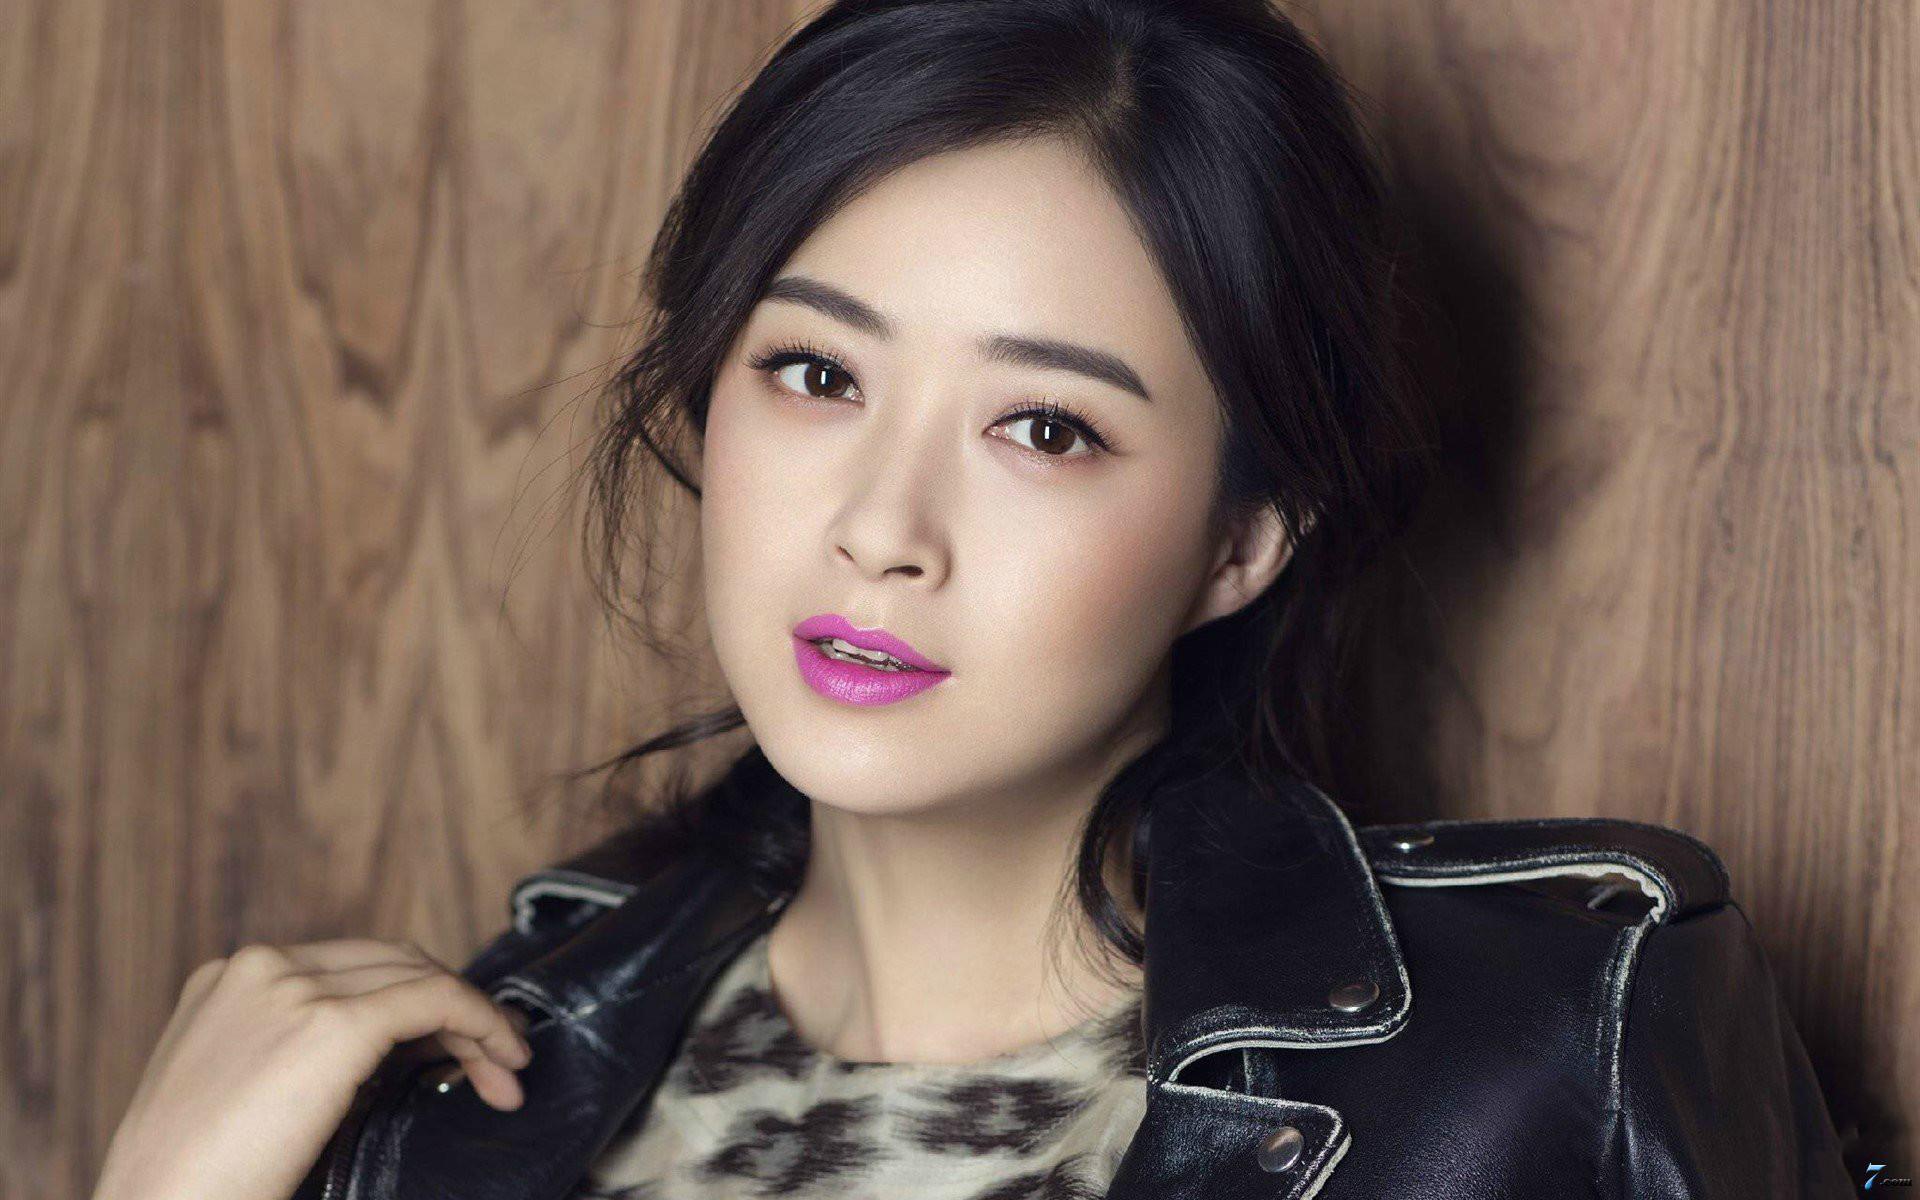 蒋欣坦言 出演樊胜美这一角色,本来是拒绝的